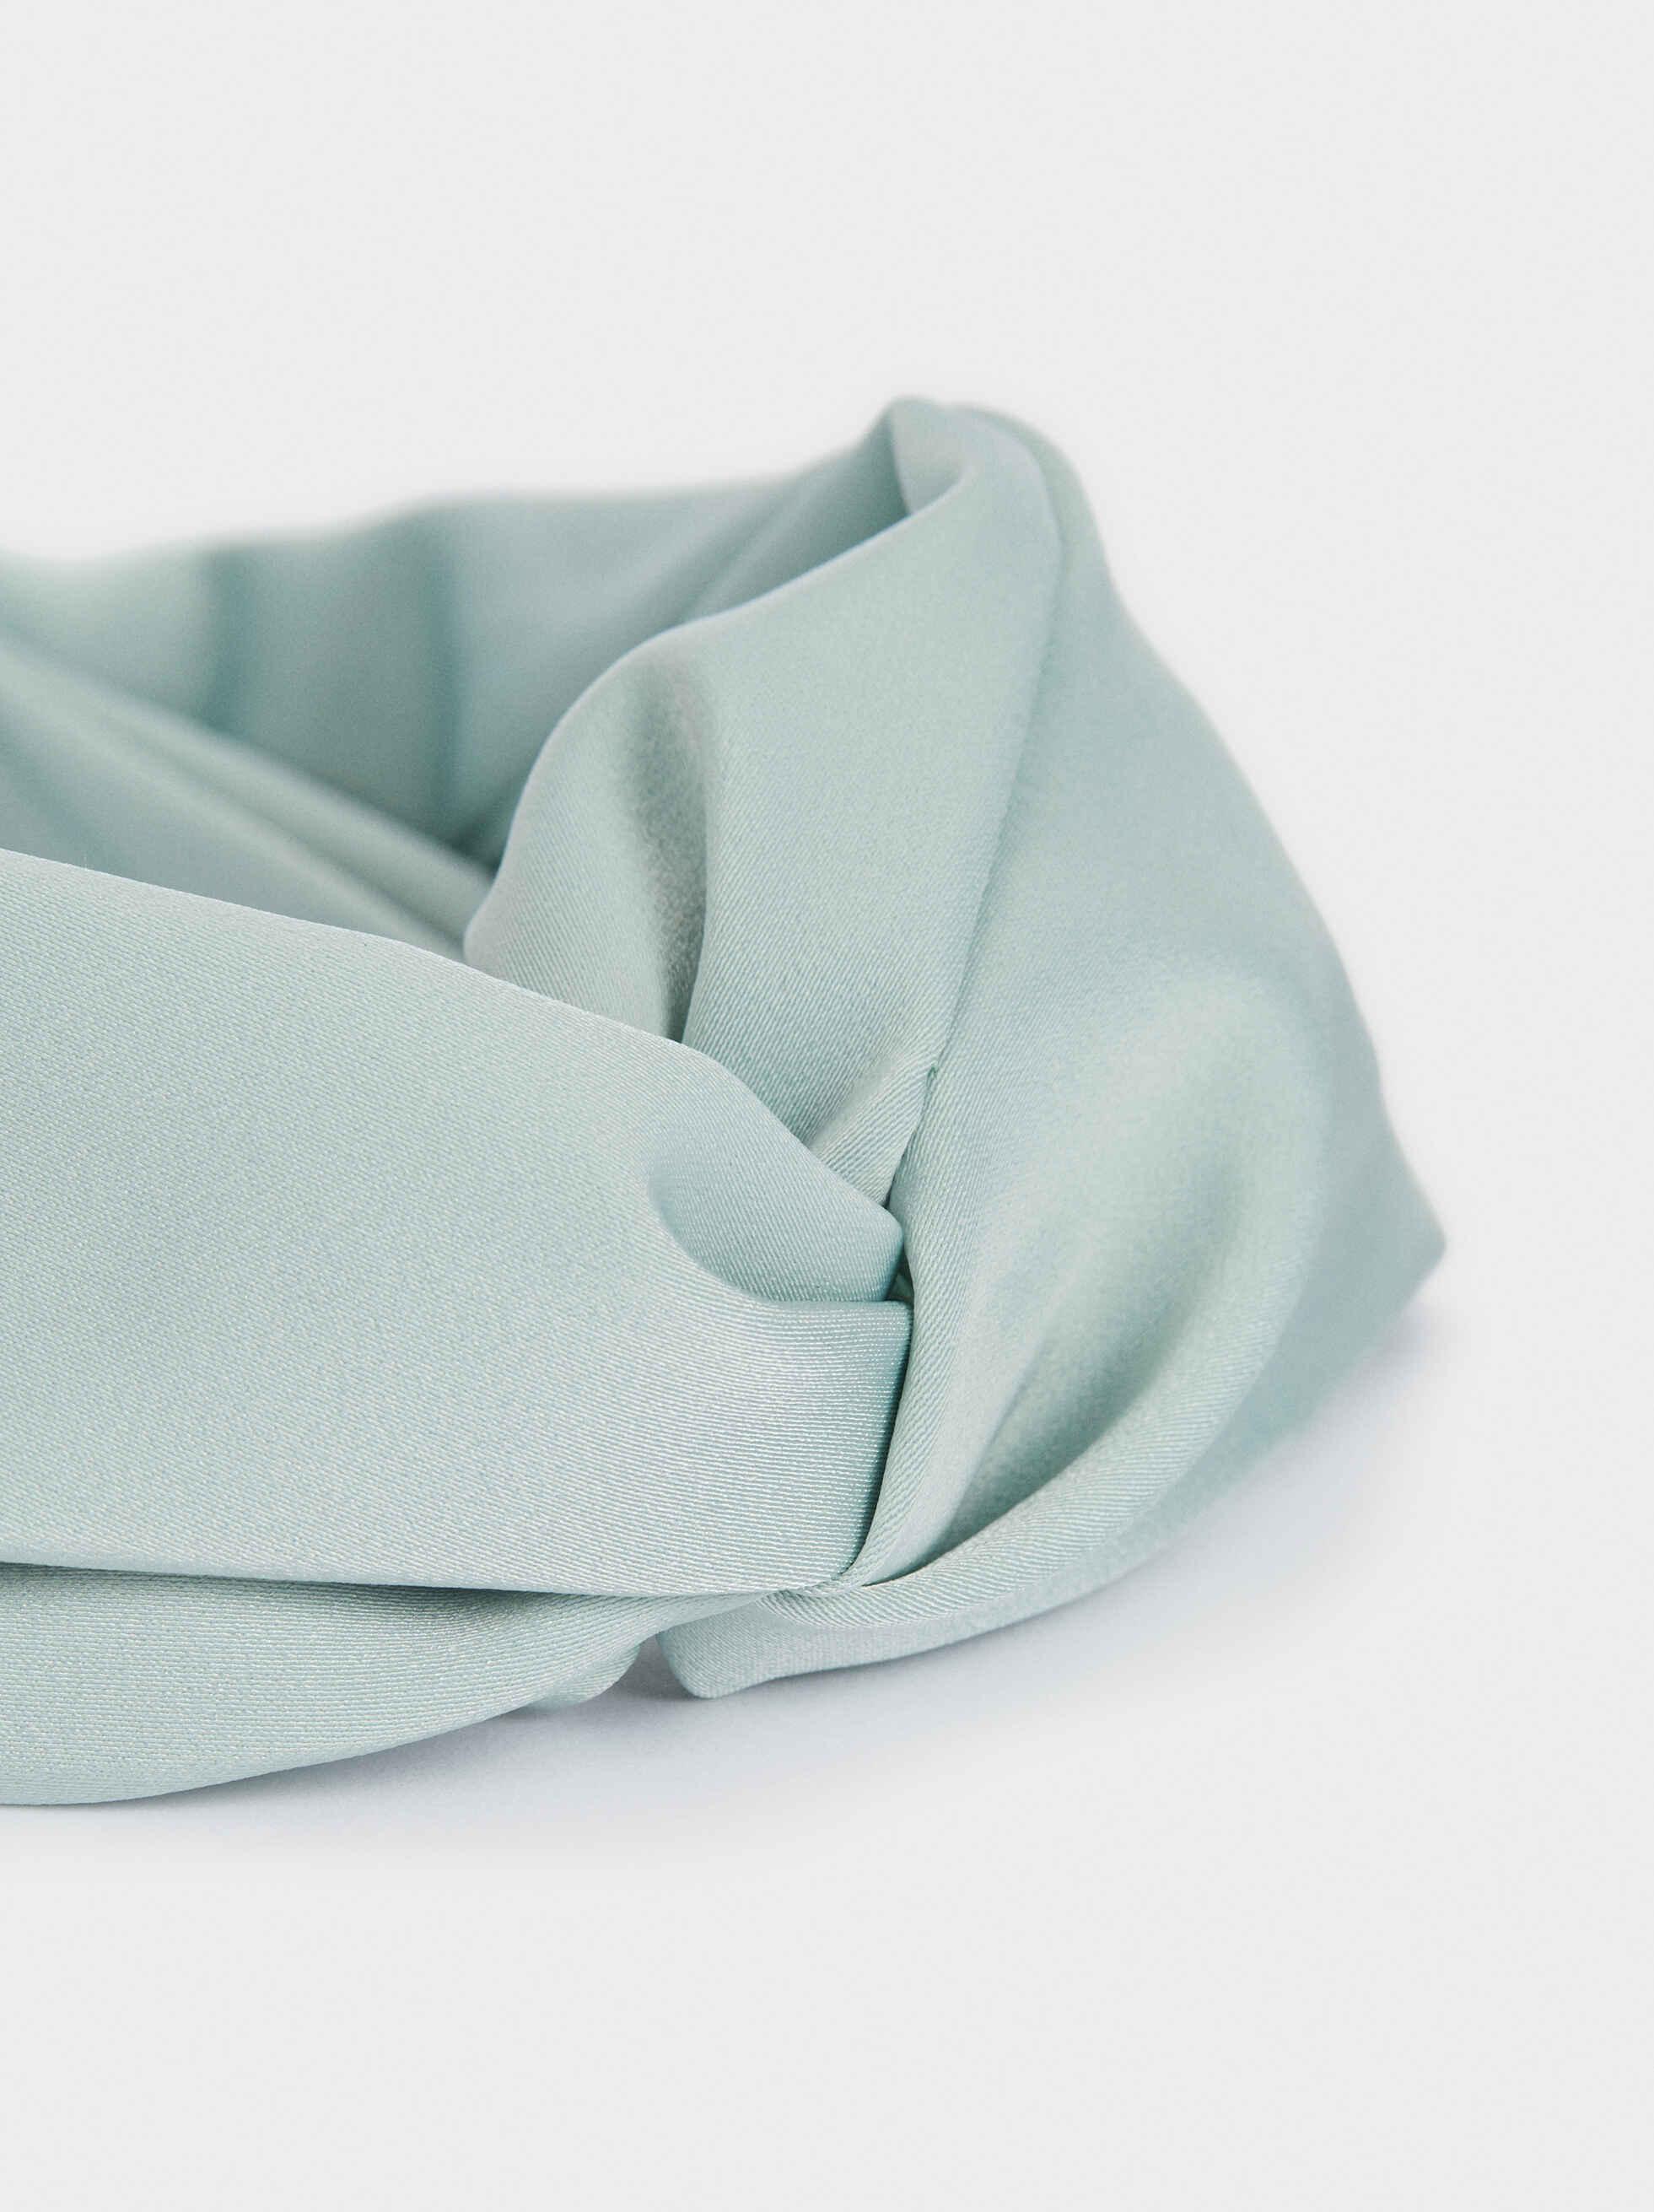 Diadema Turbante Estampado Multicolor, Gris, hi-res